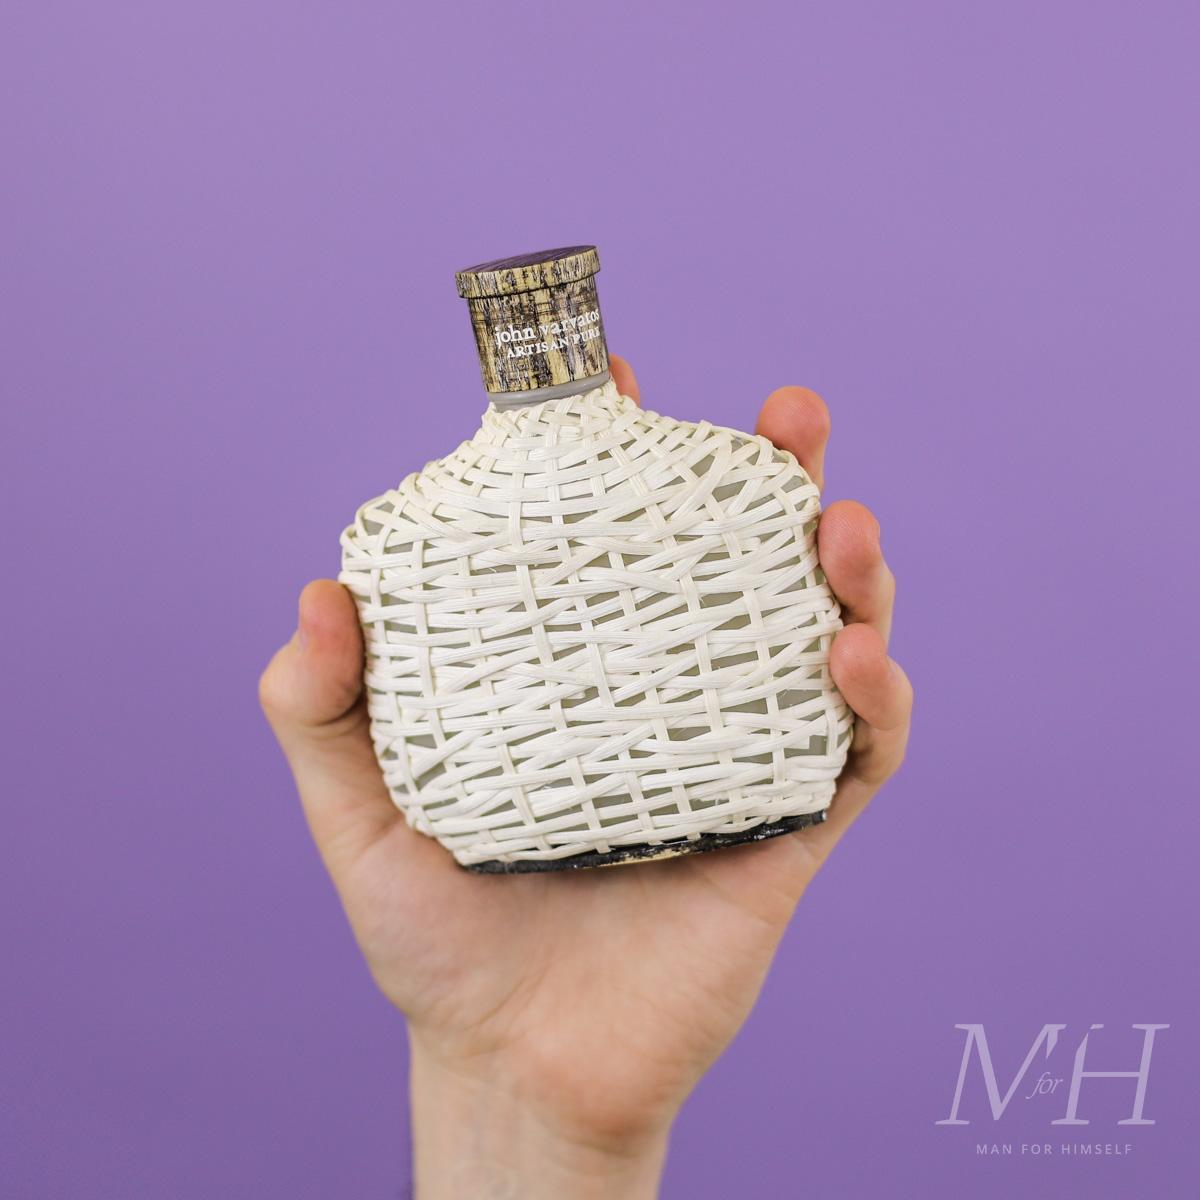 john-varvatos-artisan-pure-fragrance-product-man-for-himself